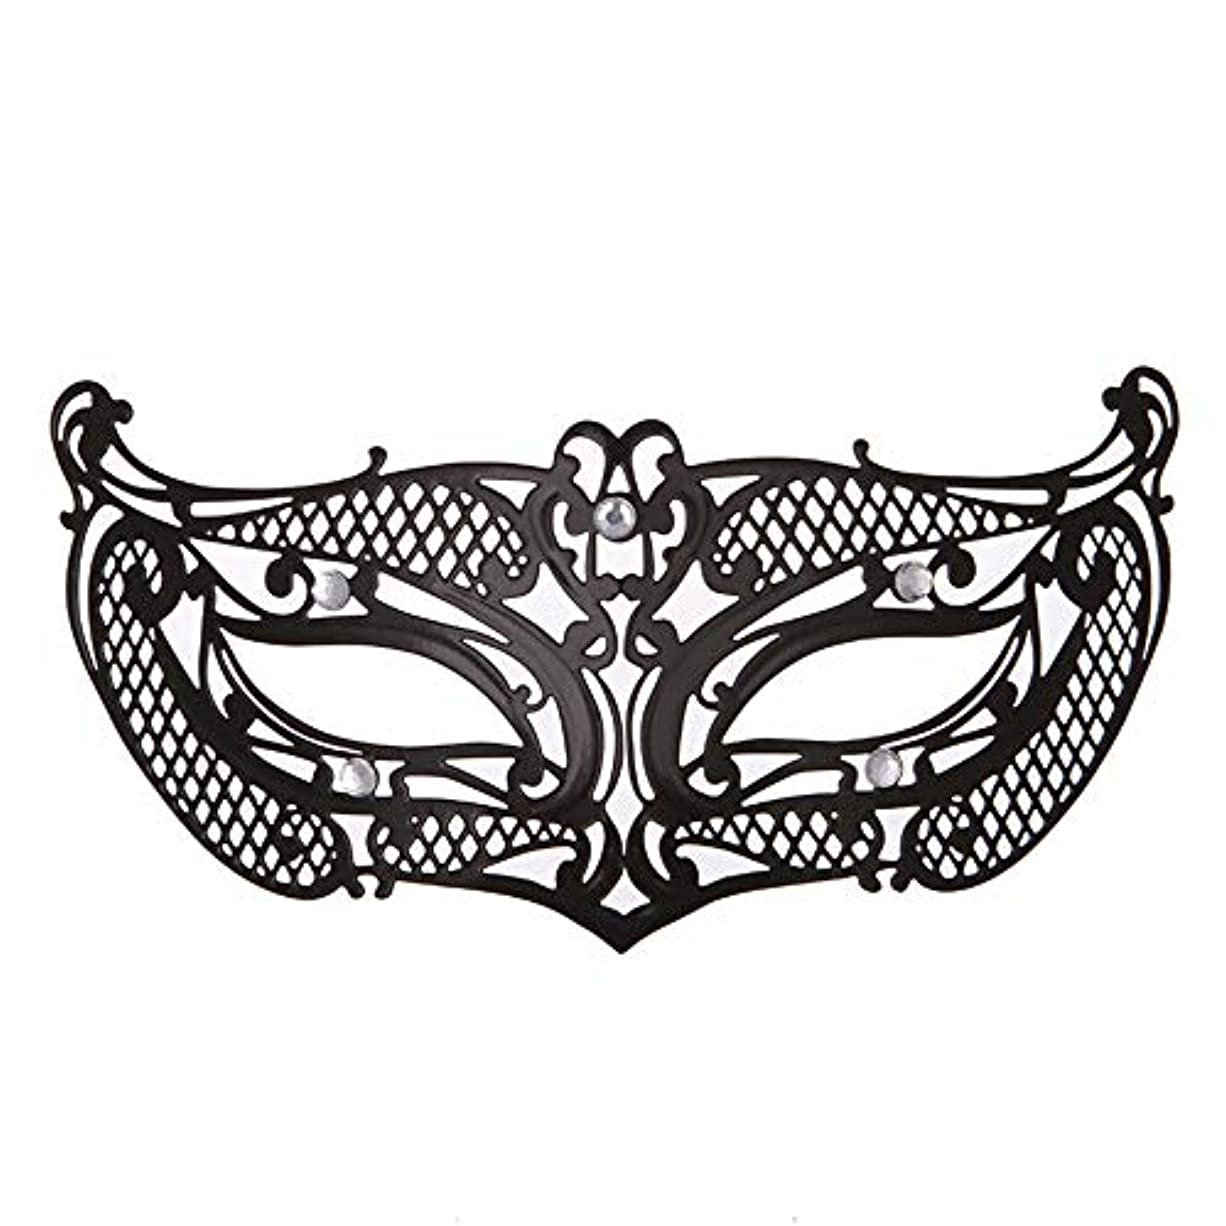 おもちゃリー歪めるダンスマスク アイアンメタリックレースとダイヤモンドハーフマスクハロウィンダンスマスクナイトクラブボールマスクコスプレパーティーハロウィンマスク ホリデーパーティー用品 (色 : ブラック, サイズ : 19x8cm)